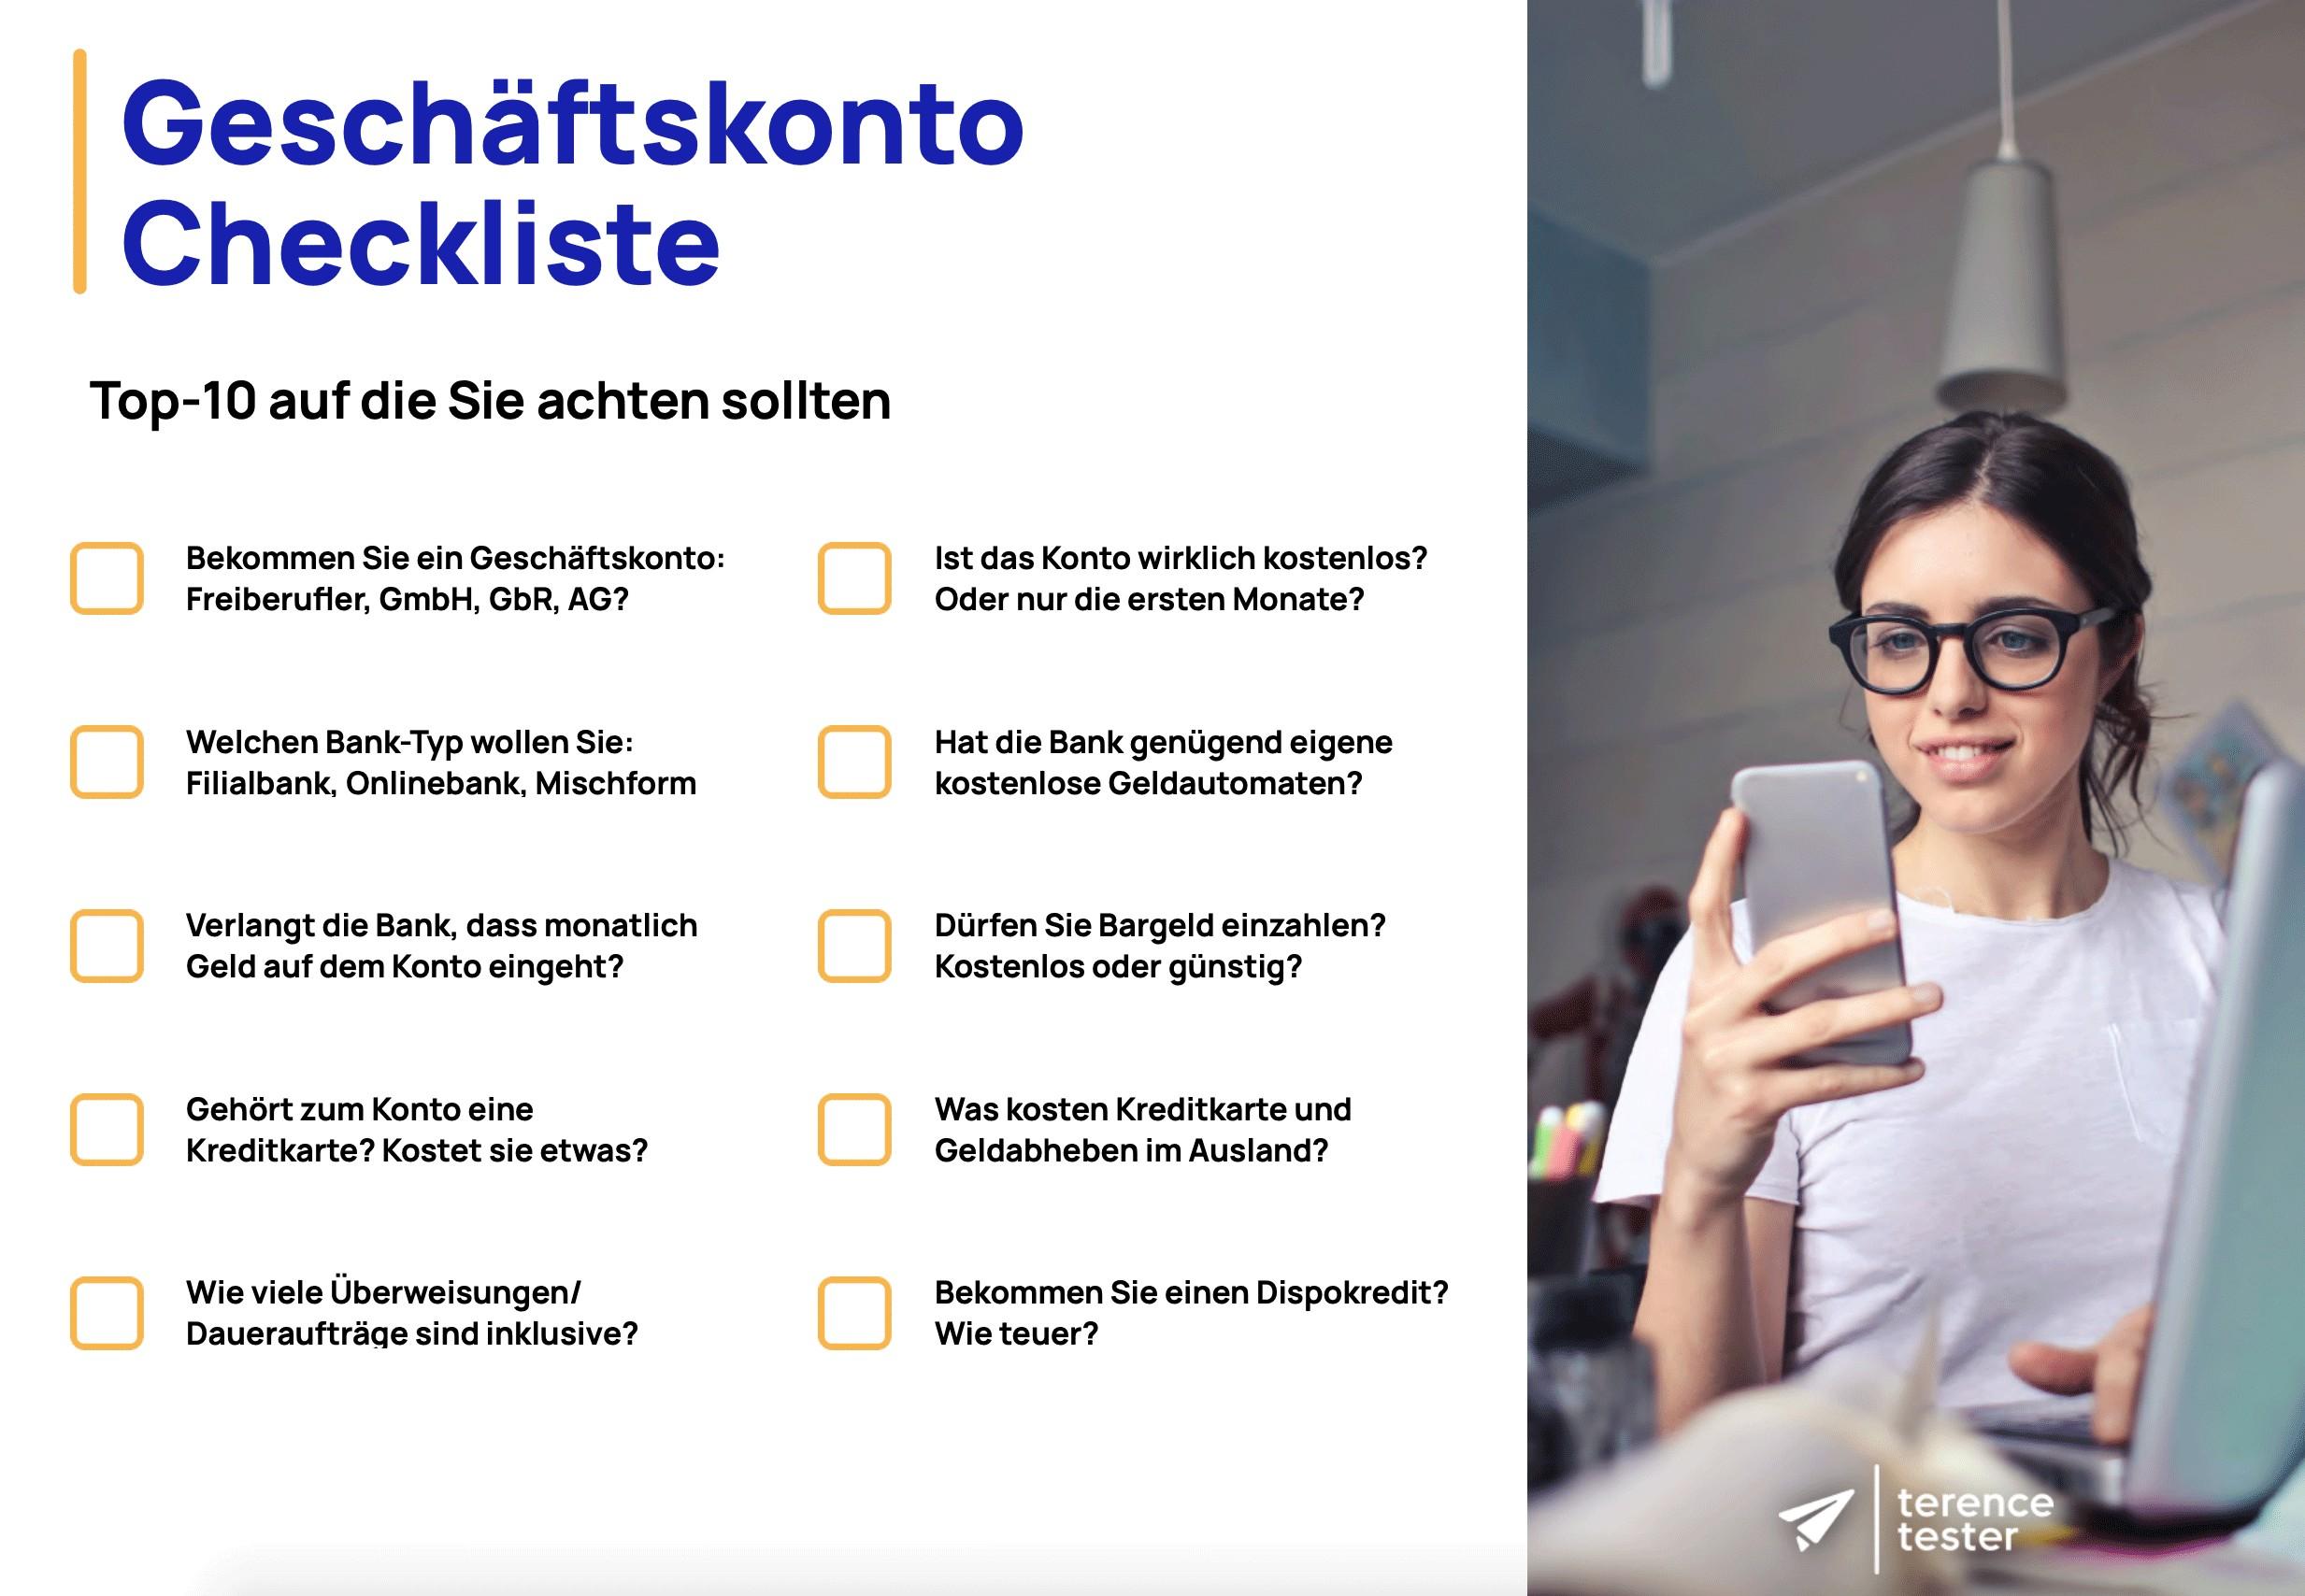 Geschäftskonto Checkliste